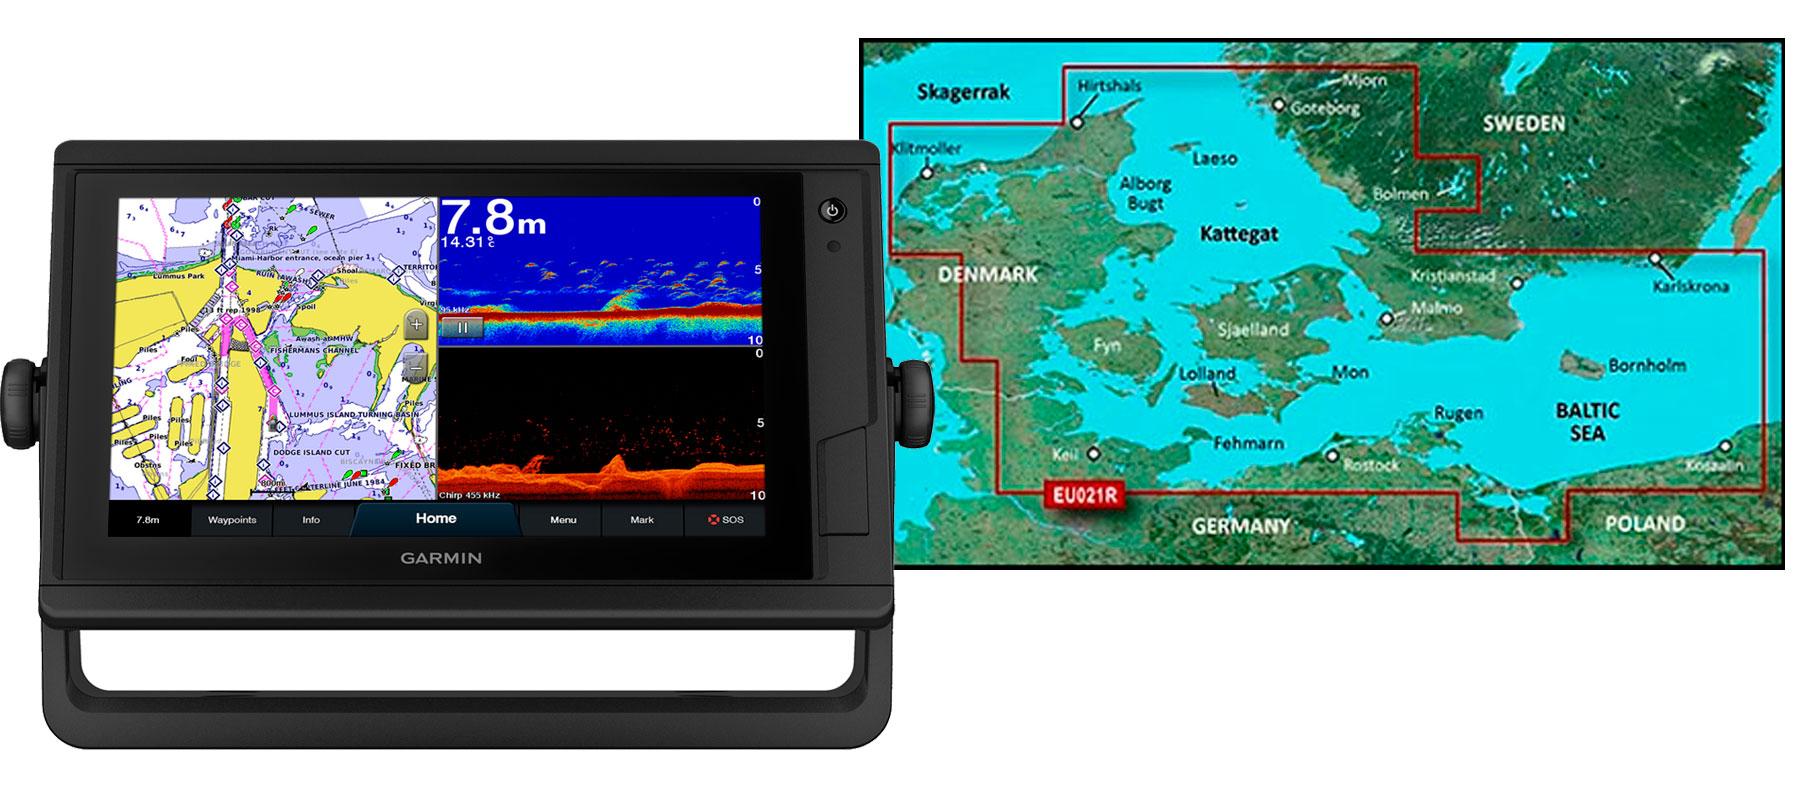 Garmin GPSmap 922xs PLUS med G3 søkortkort